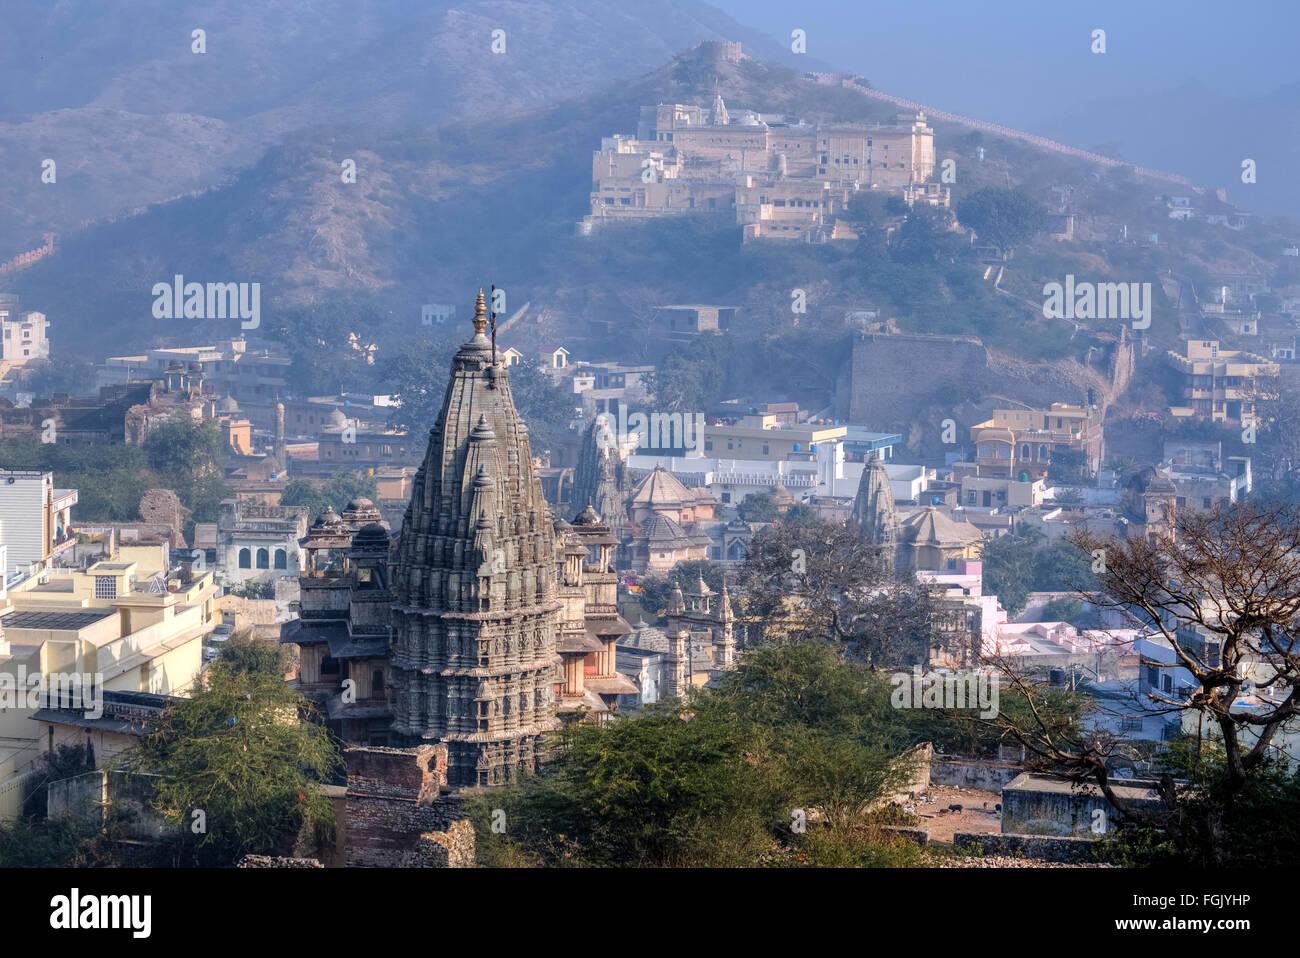 Jaipur, Rajasthan, India - Stock Image